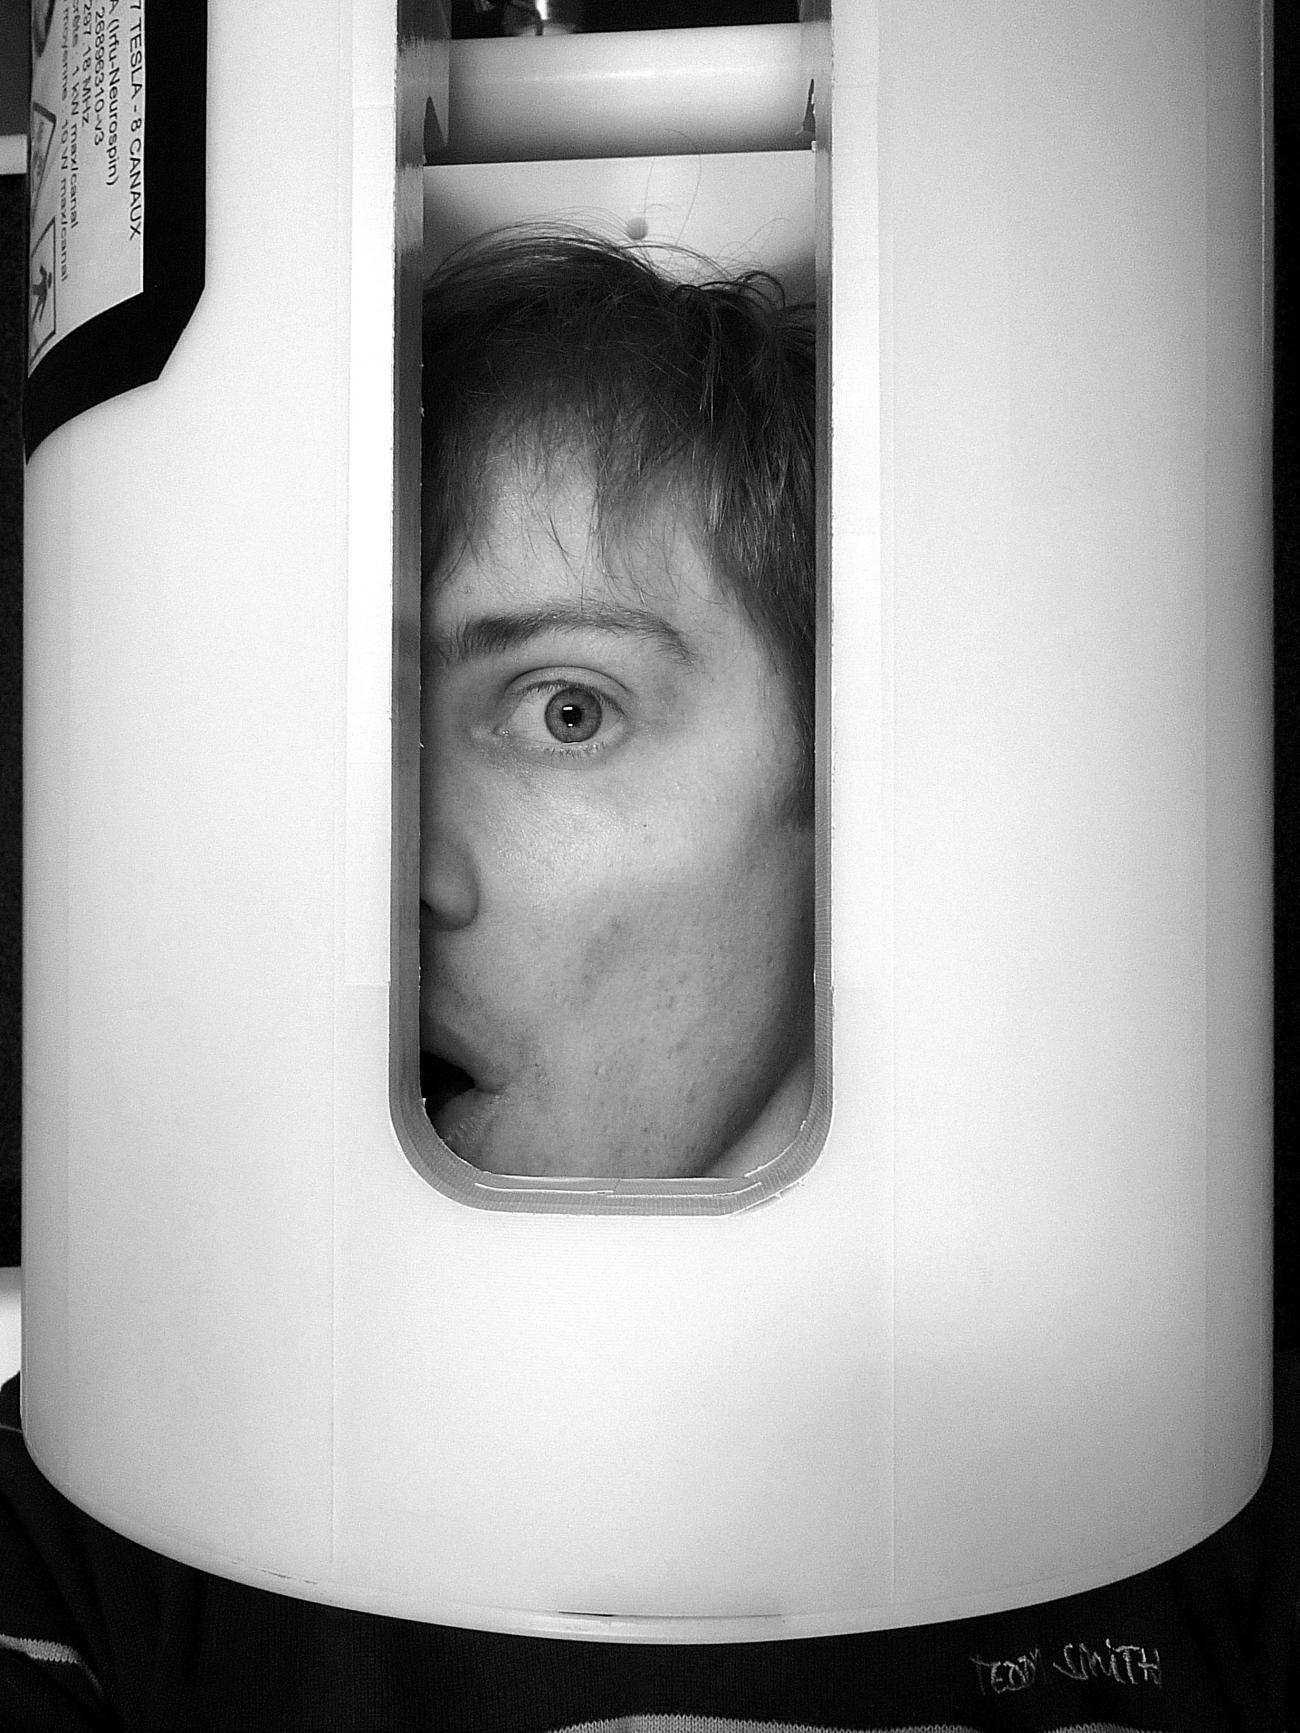 Un monde hors de l'antenne: « Un monde hors de l'antenne » : Vue extérieure du prototype  d'antenne IRM développée au SACM qui a permis l'acquisition des premières images IRM in-vivo en transmission parallèle au laboratoire de Neurospin